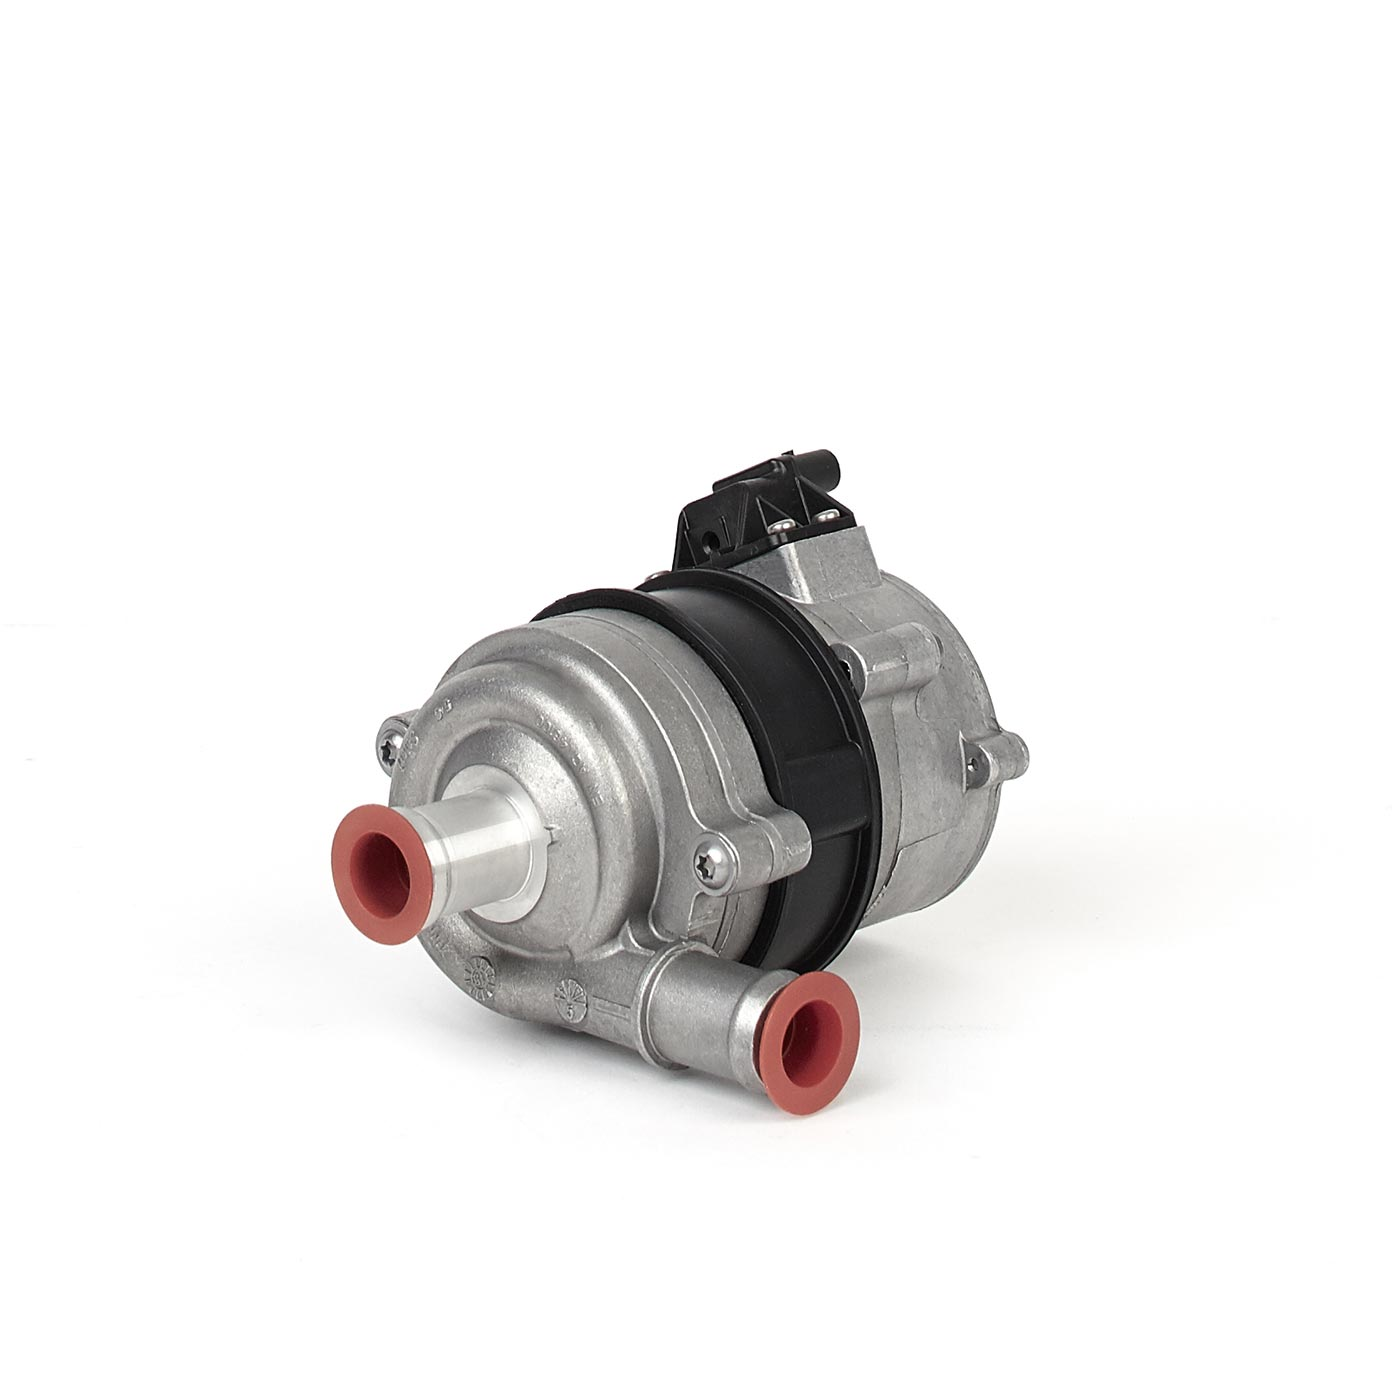 Motore brushless con inverter dedicato esterno - RPM